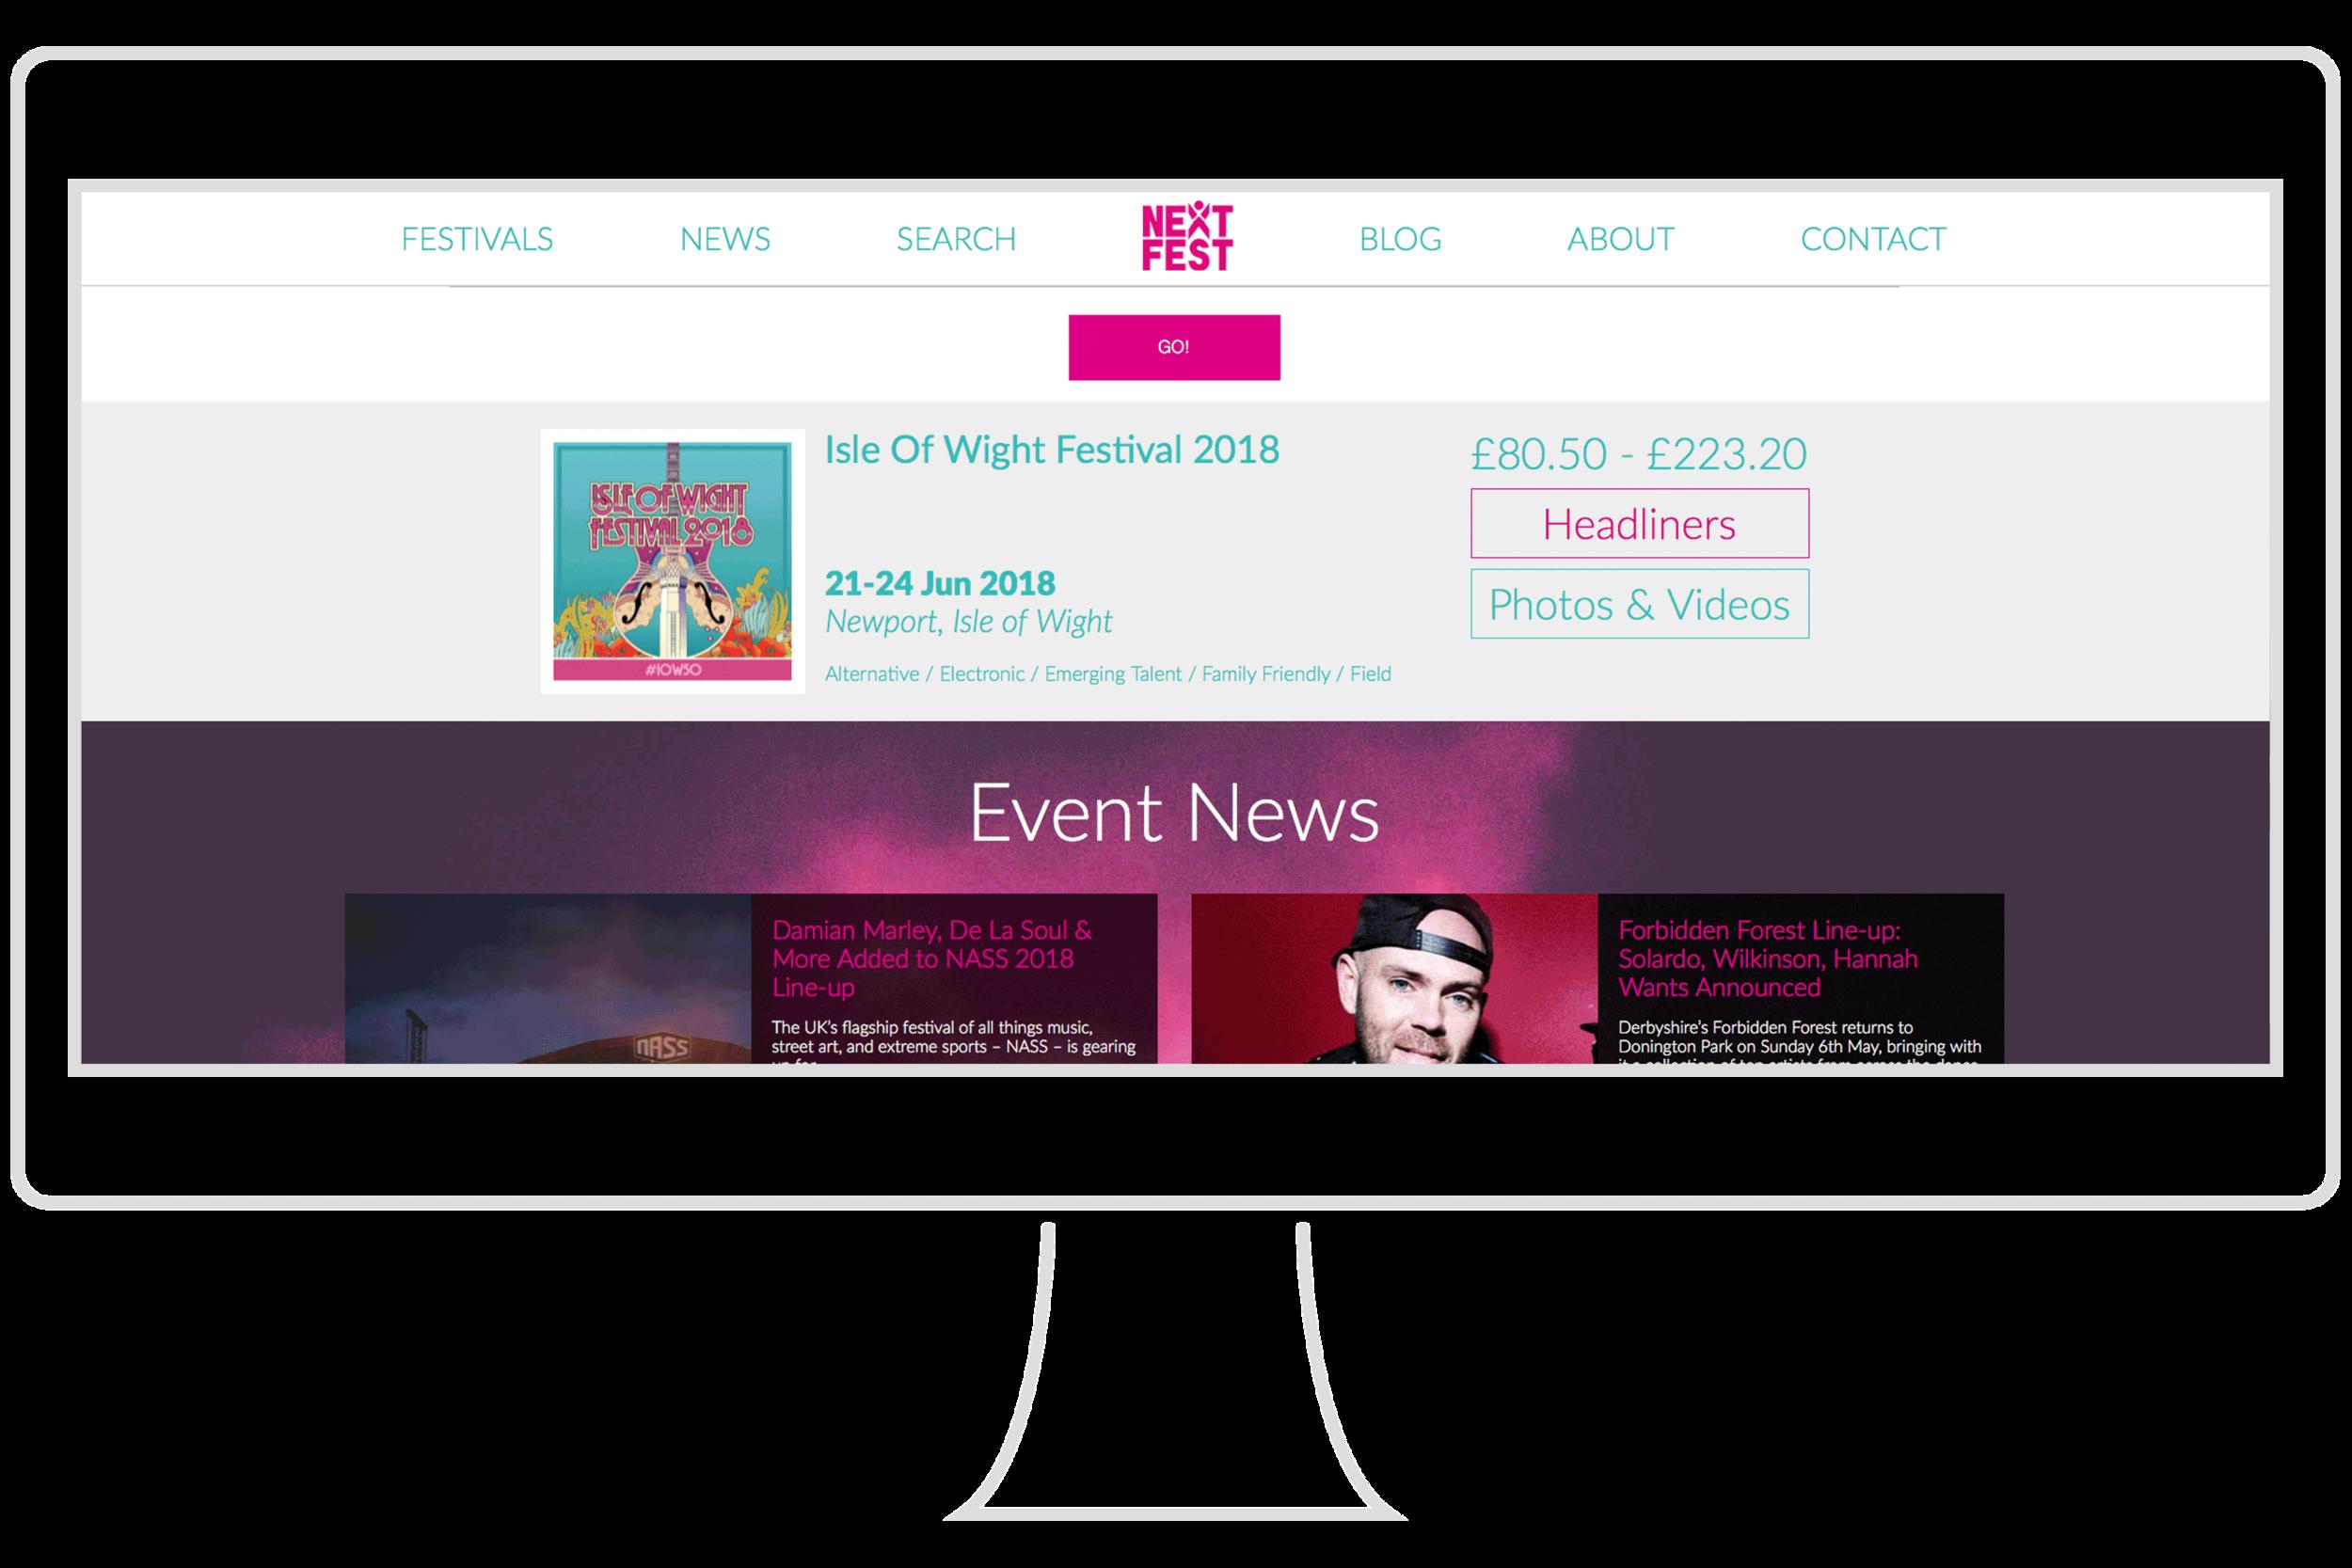 next-fest-web-in-desktop-graphic-V3.png